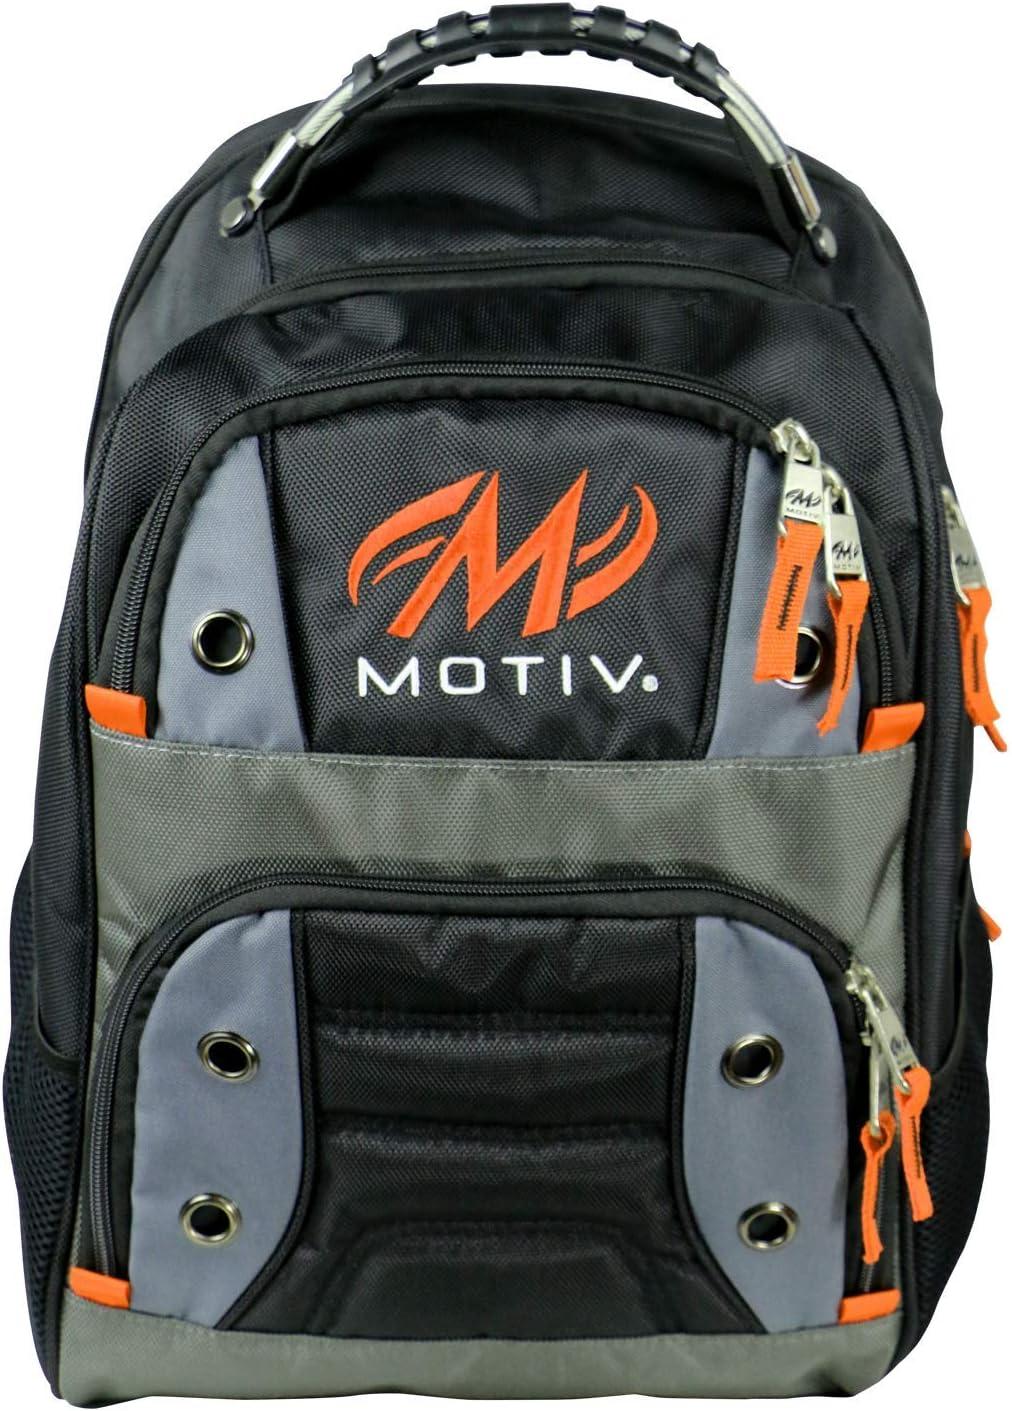 Motiv Intrepid Backpack Black//Orange